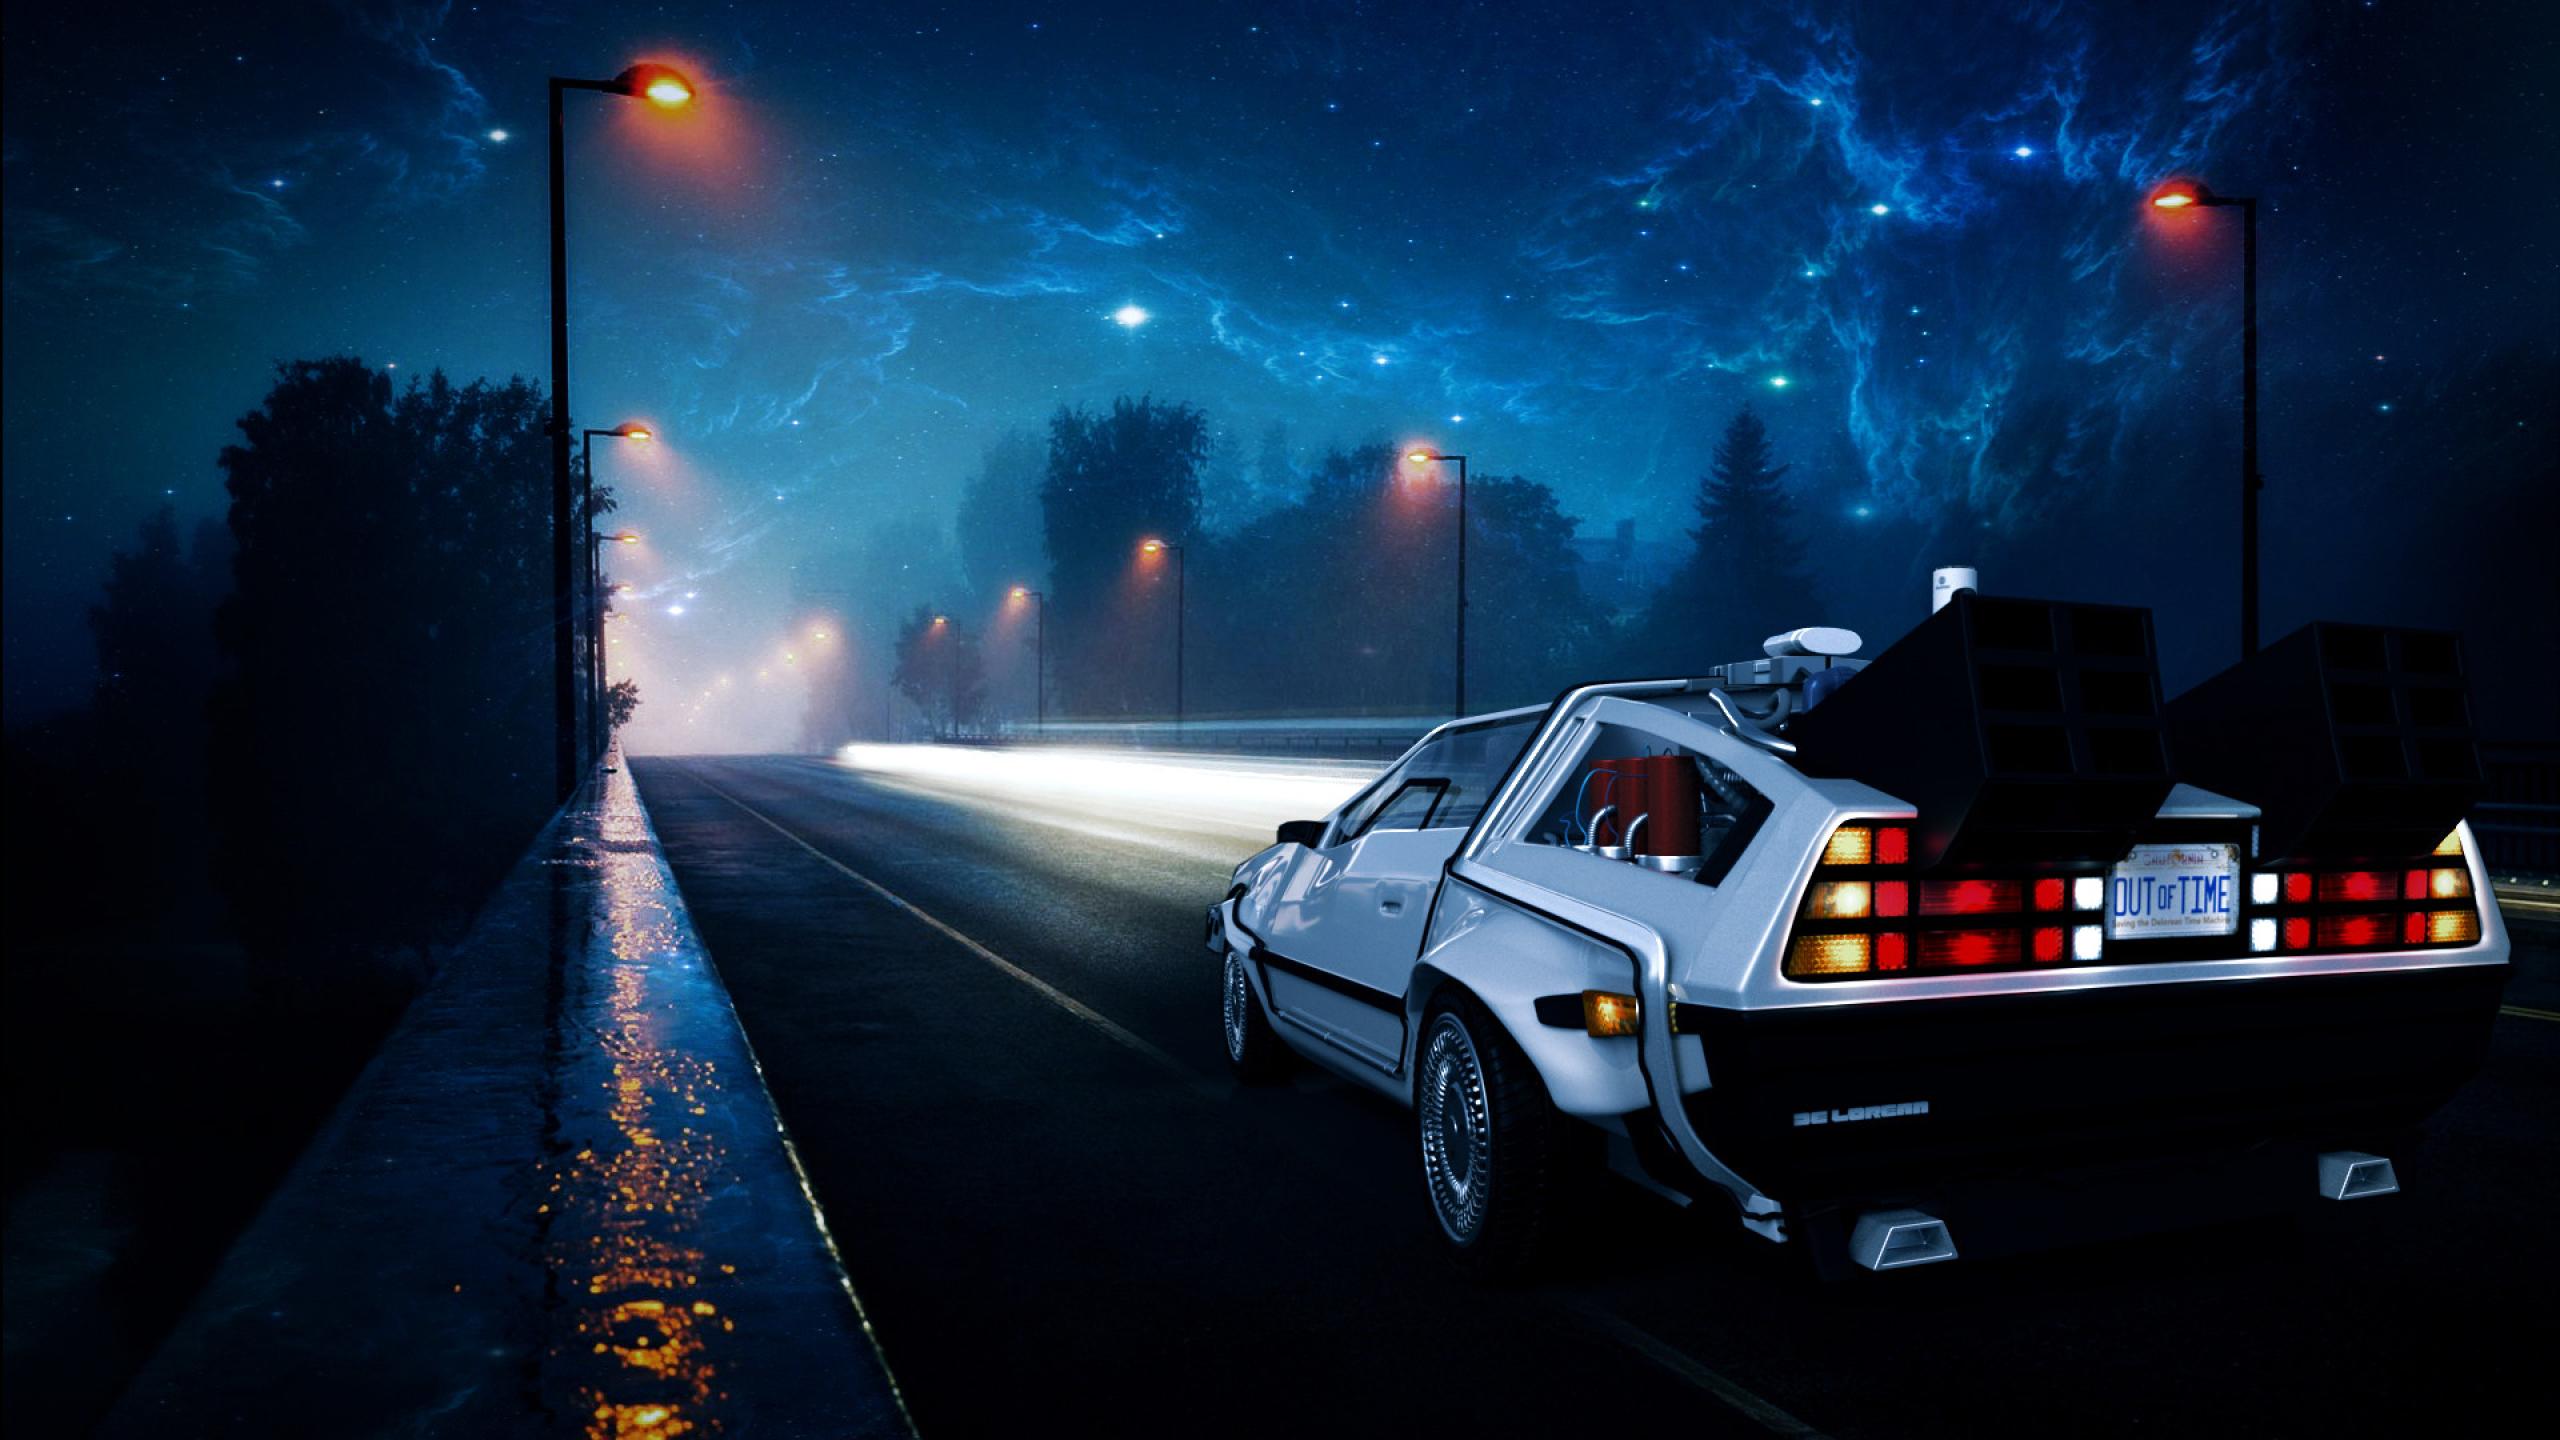 2560x1440 Back to the Future DeLorean Car Illustration ...